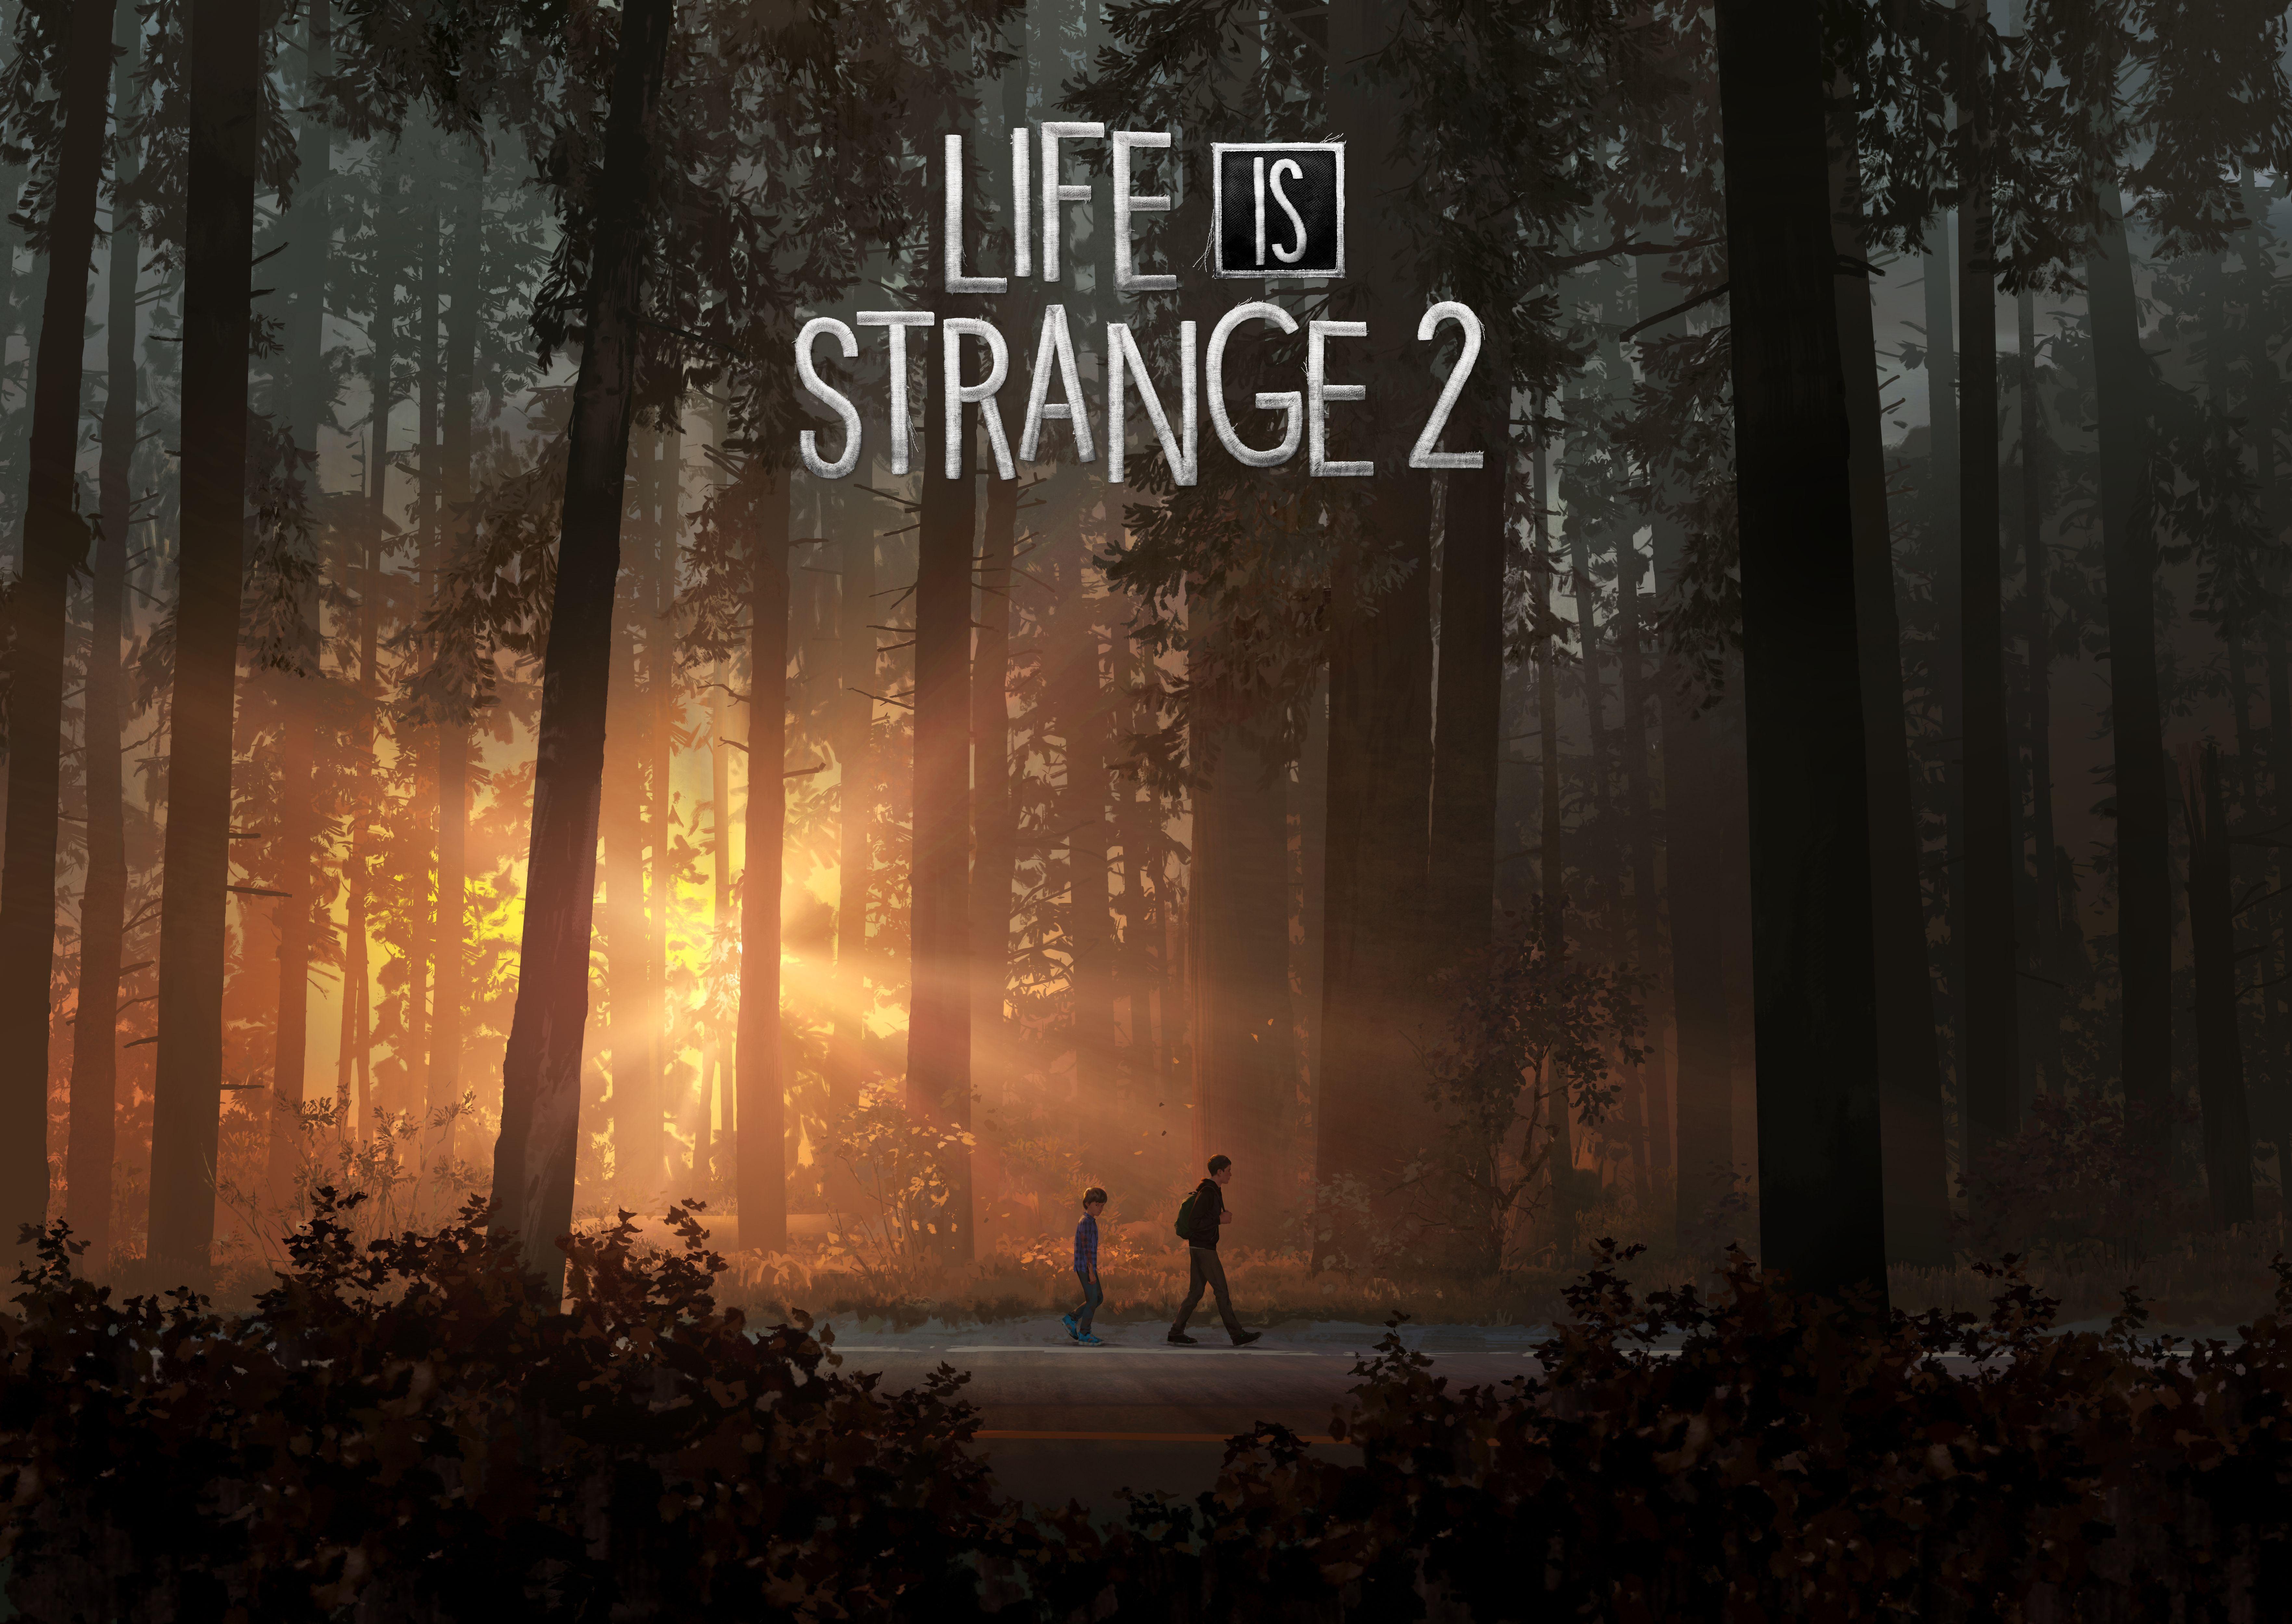 After Porn Ends 2017 Trailer life is strange 2 | life is strange wiki | fandom